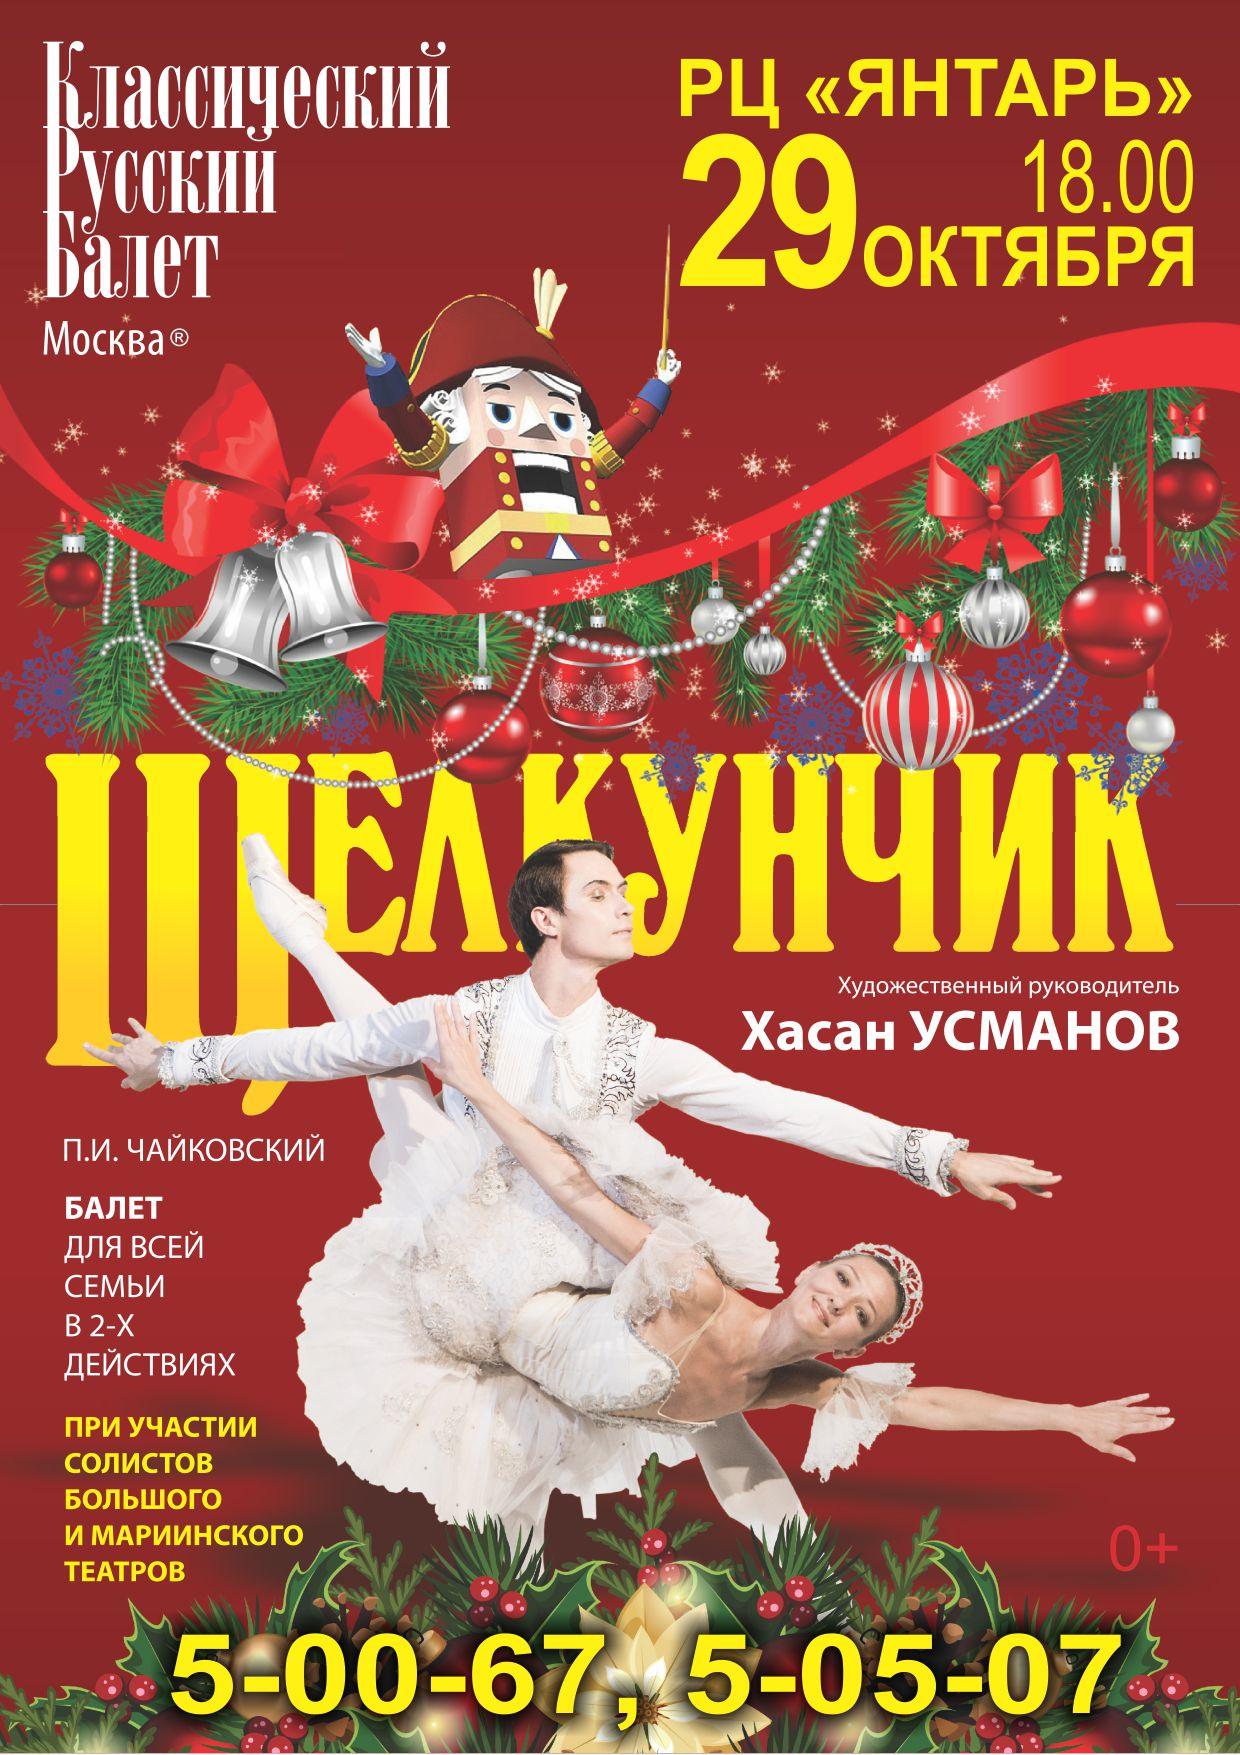 Театр афиша на 29 октября пенза афиша органный концерт